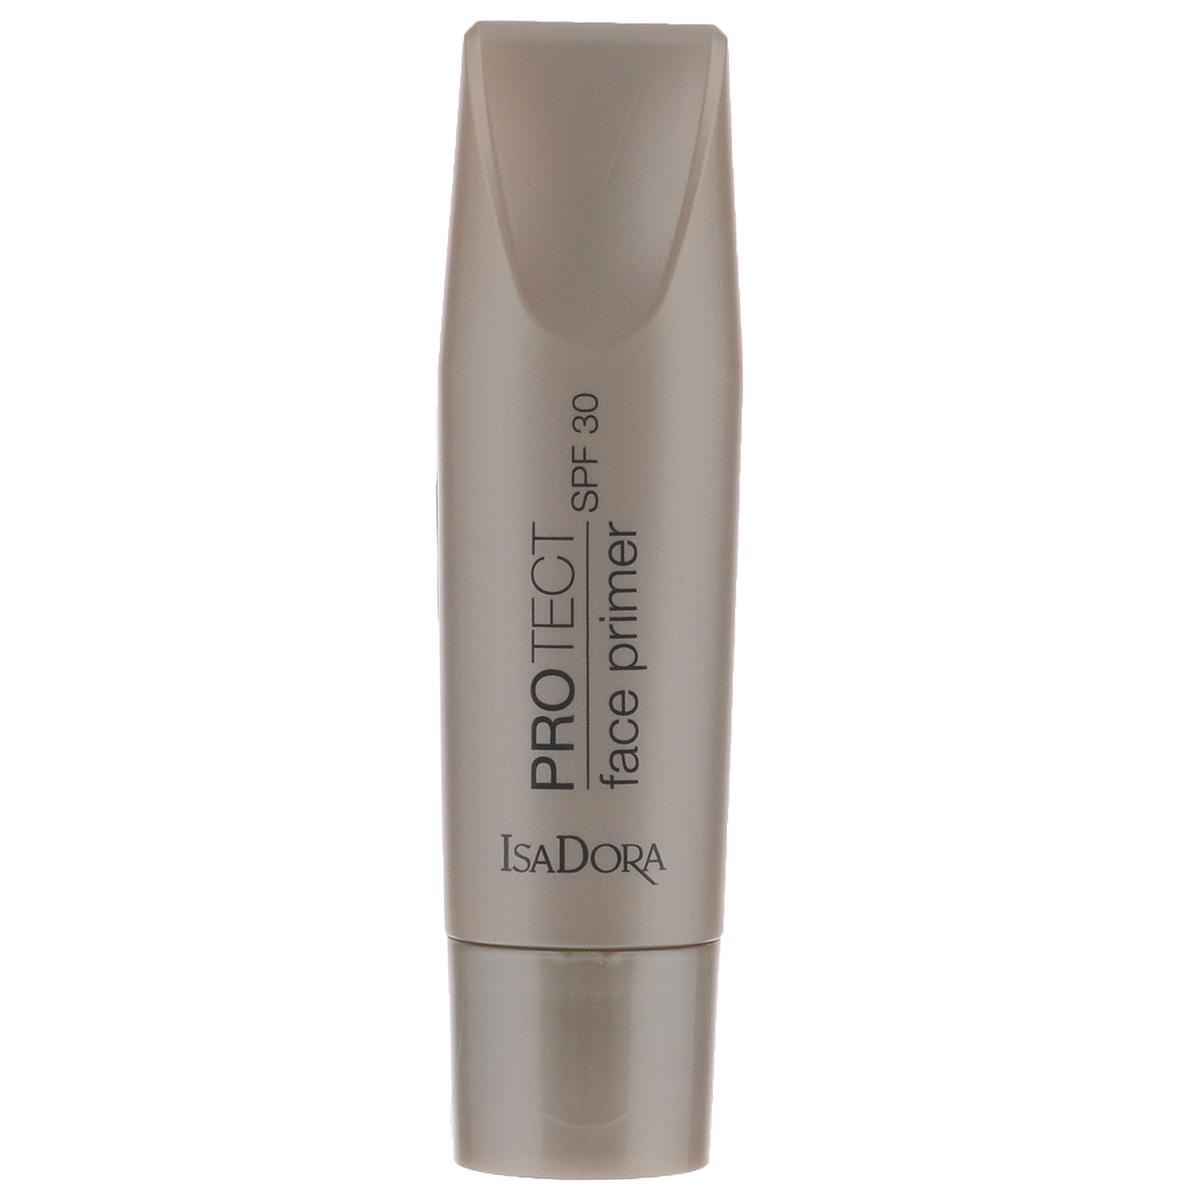 Isa Dora База под макияж ProTect Face Primer, SPF 30, 30 мл214403Идеальная база для устойчивого безупречного макияжа. Эффективная защита от солнечных лучей (SPF 30, спектр UVA и UVB). Уникальные коллагеновые пептиды – сокращают морщины, придают коже упругость. Гелевая текстура без содержания масел – ультралегкая, без ощущения силиконовой пленки. Для всех типов кожи – включая жирную и комбинированную. Товар сертифицирован.